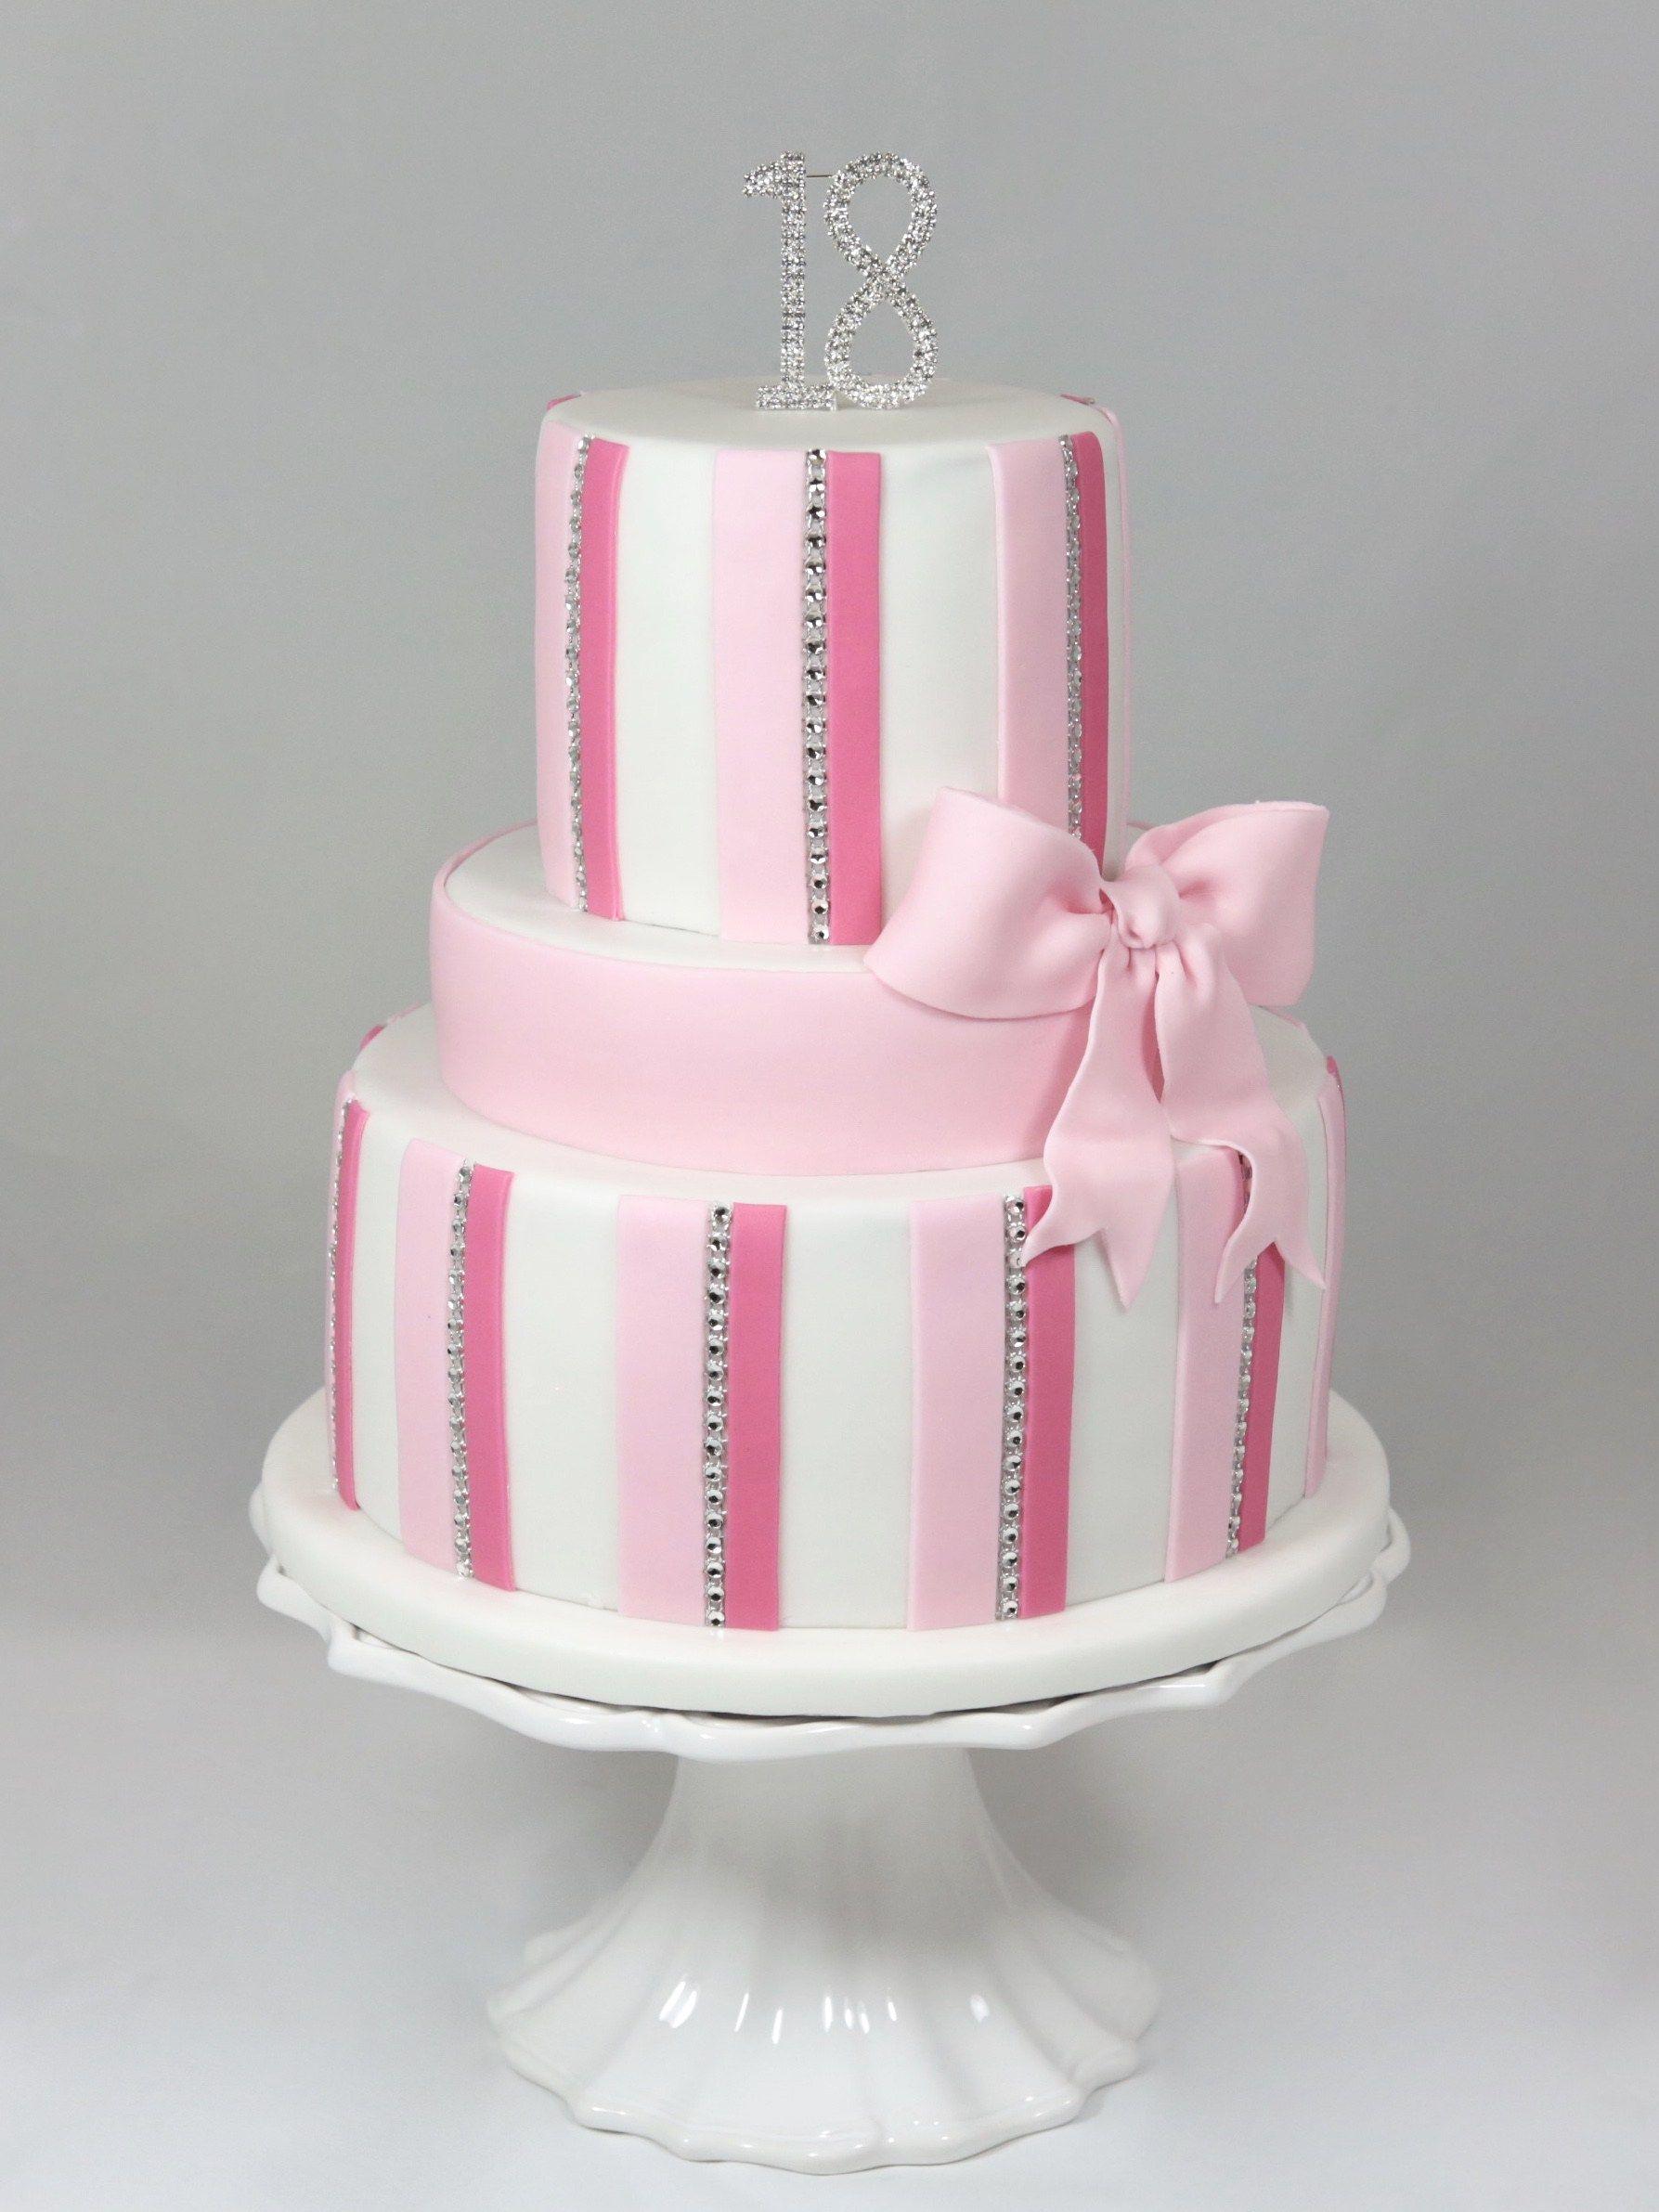 Geburtstag Birthday Cake Torte Girl Pink Bling Bling Stripes ...